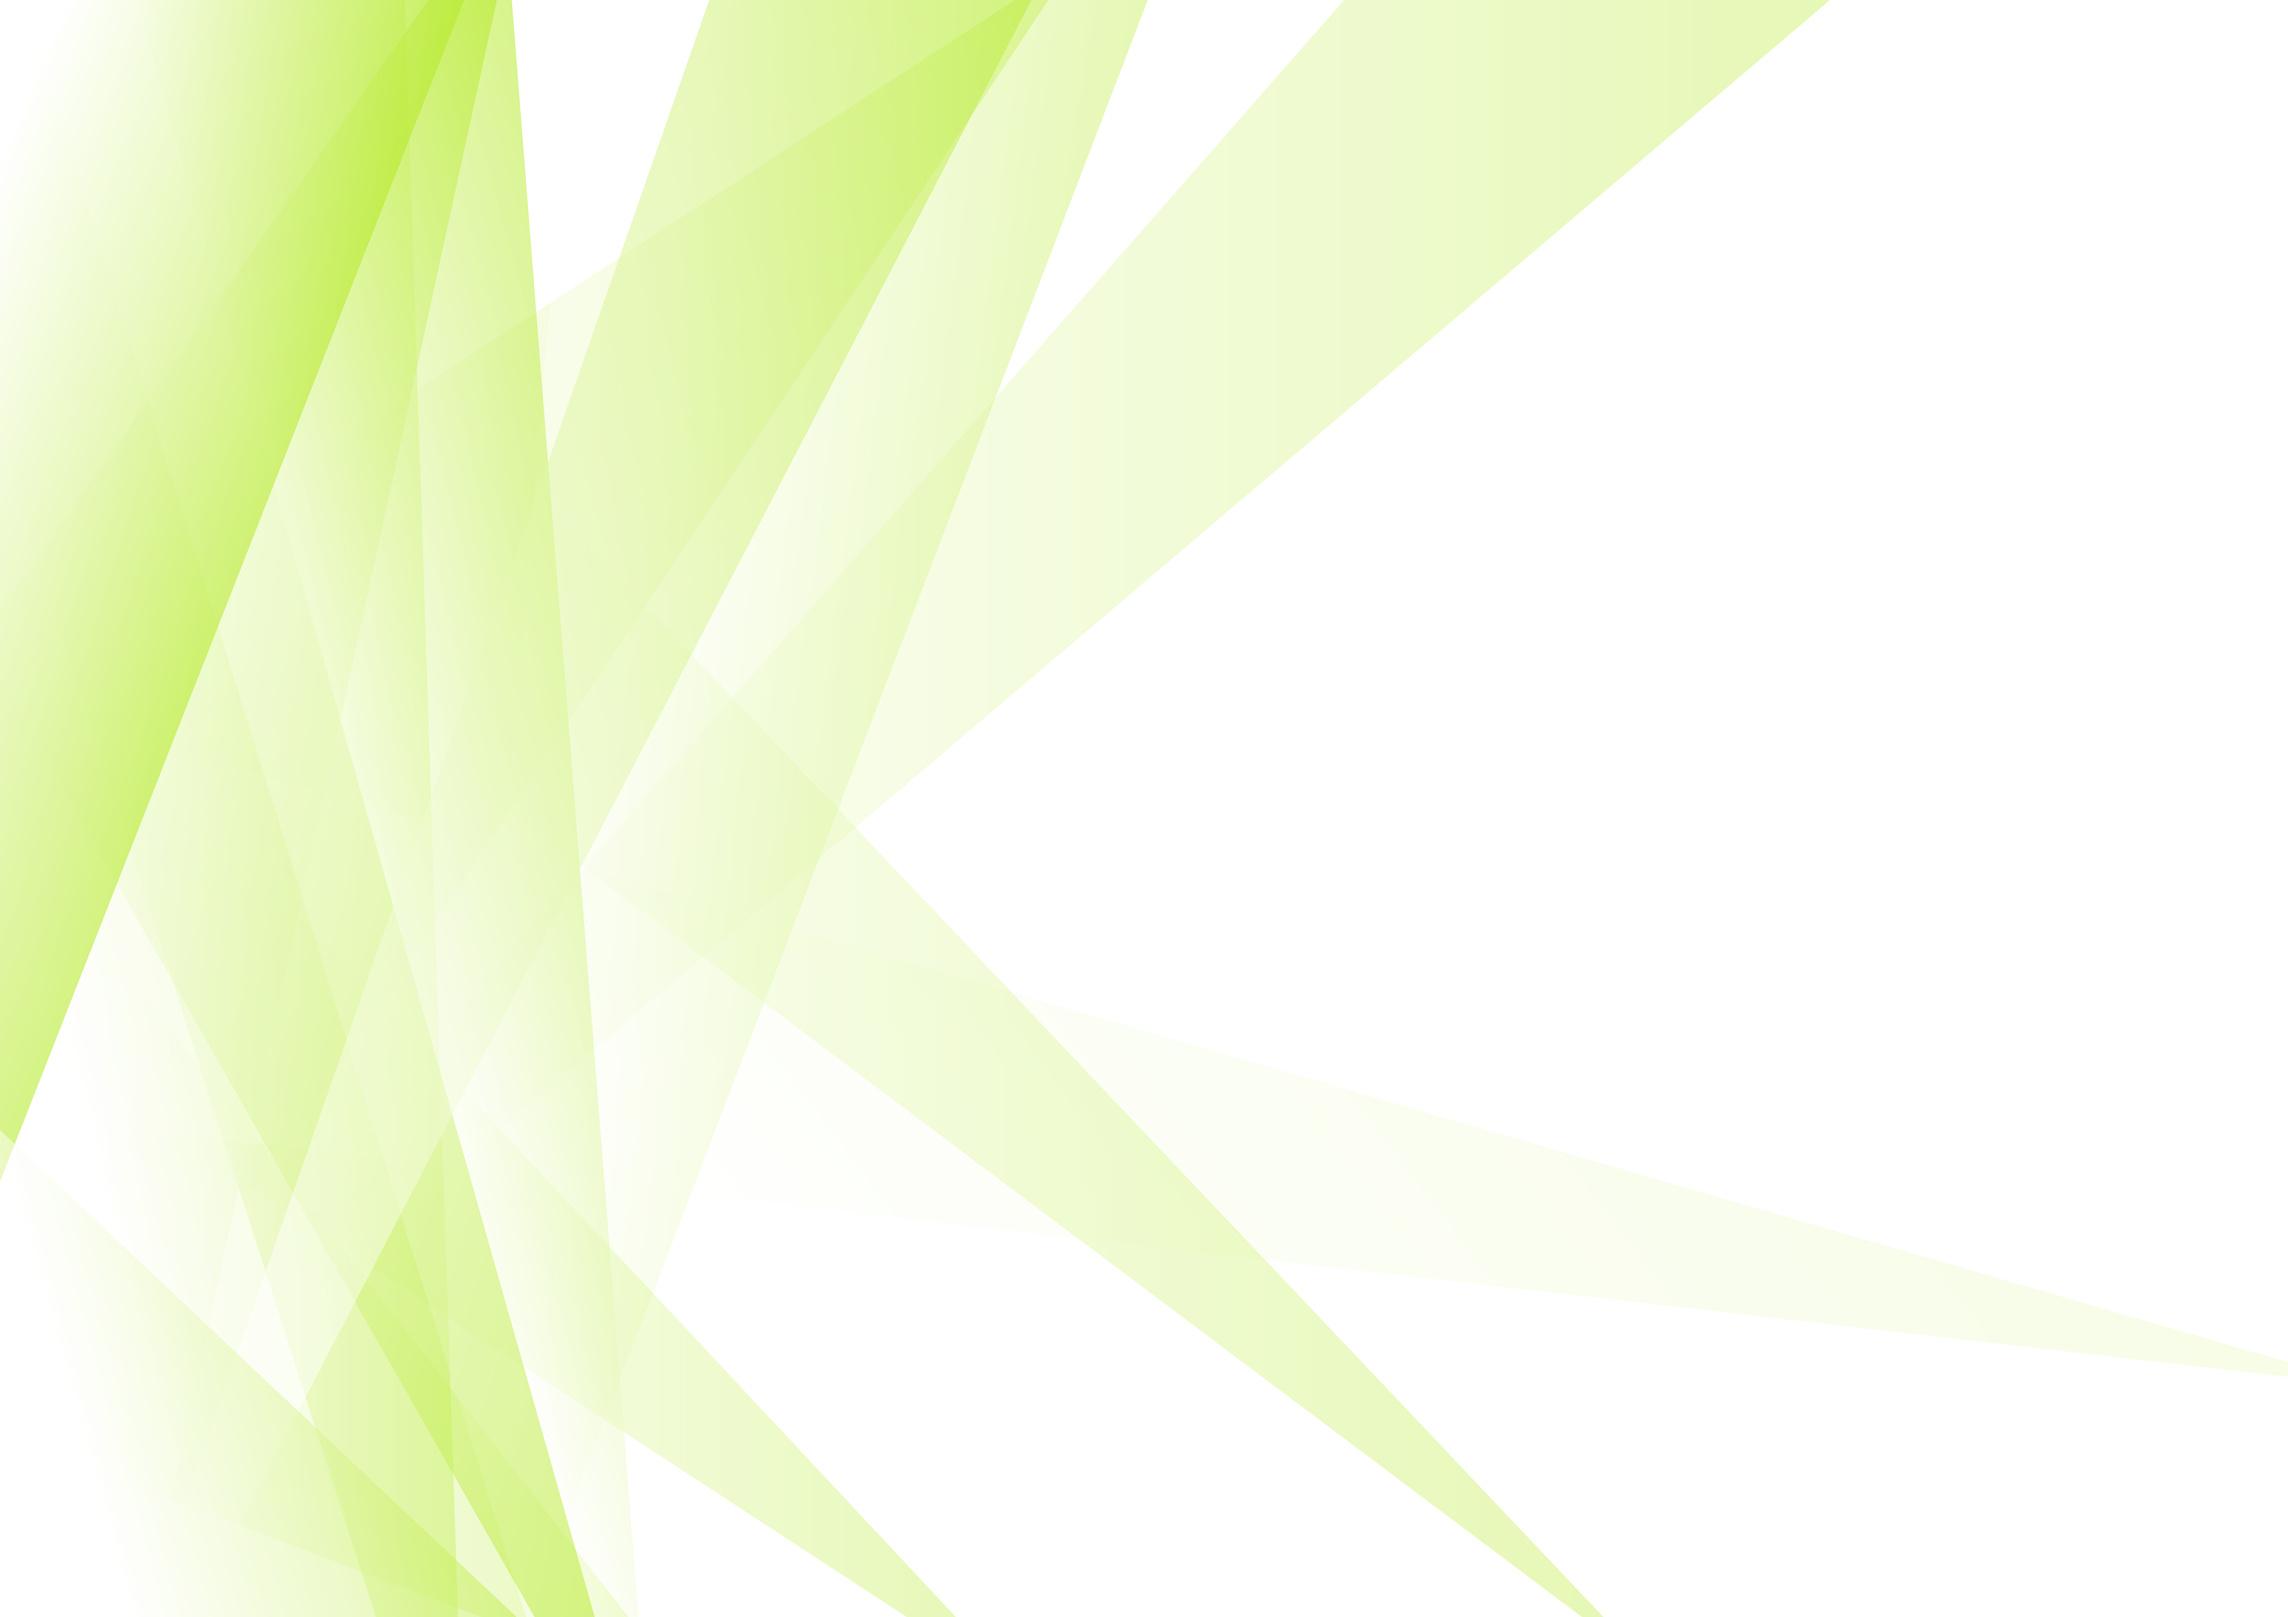 Abstrakter grüner minimal technischer Hintergrund